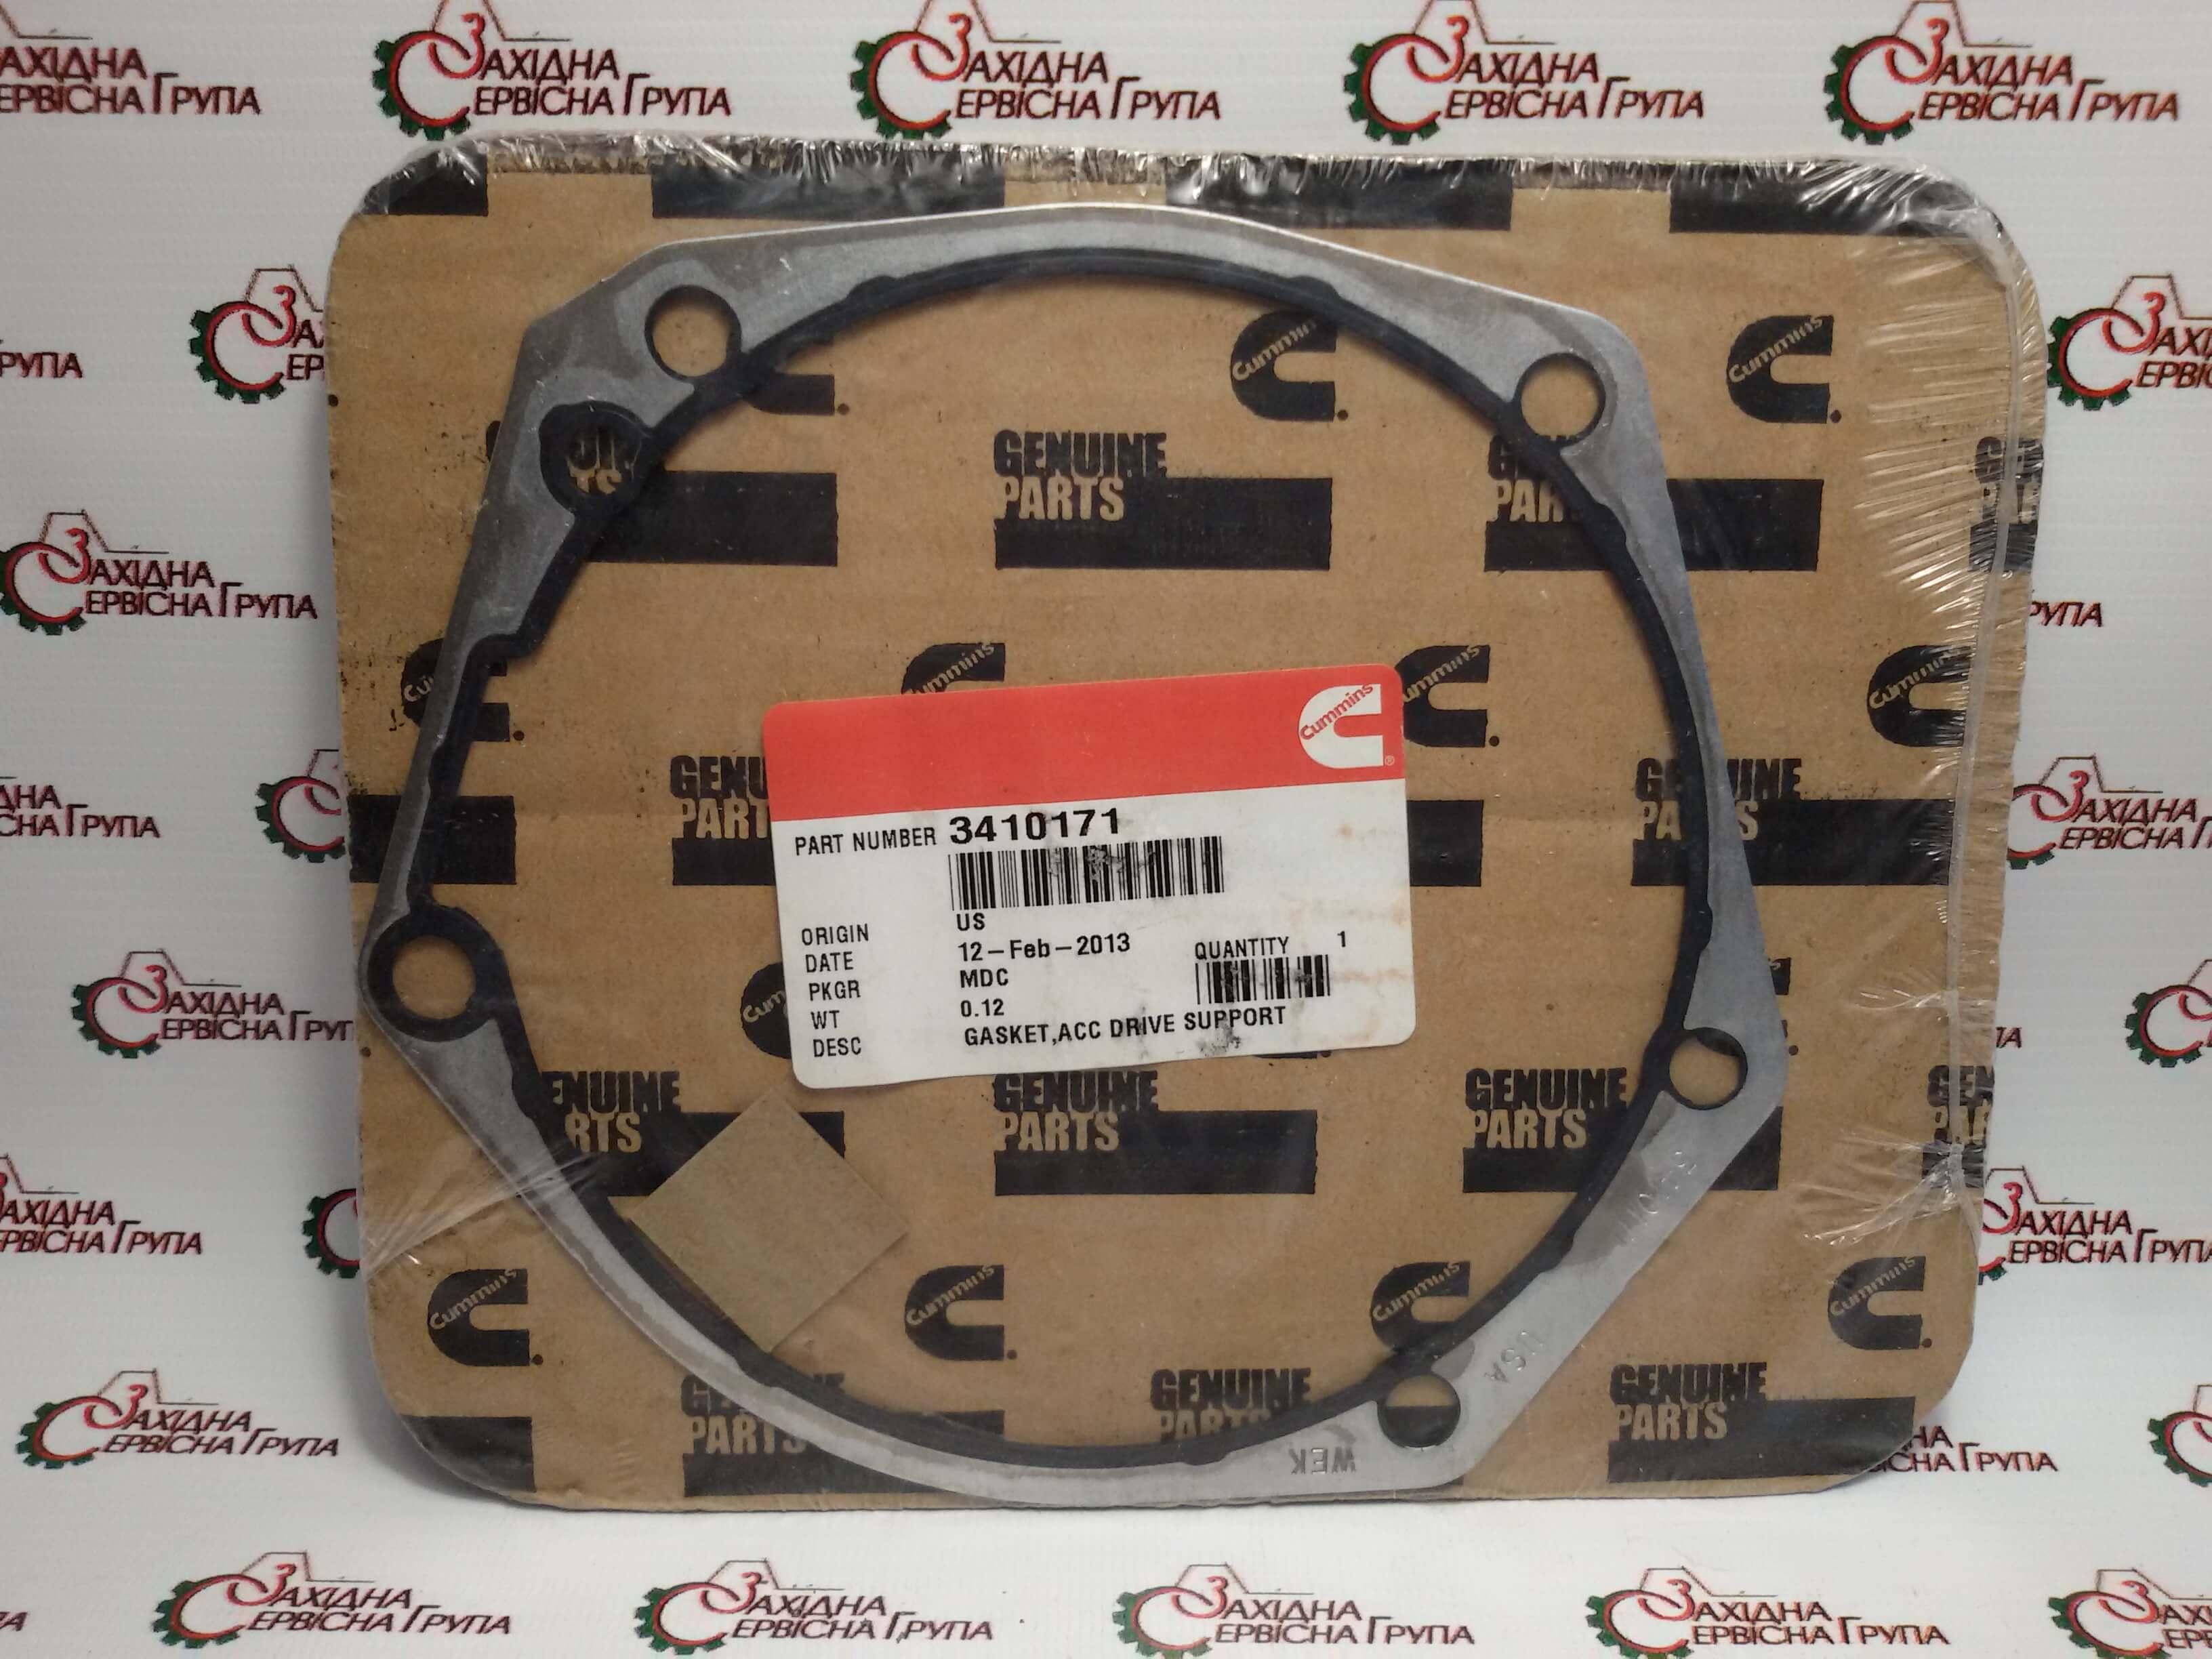 Прокладка опори приводу допоміжних агрегатів Cummins KTA19, 3410171, 3086202, 3201693, 3200945.